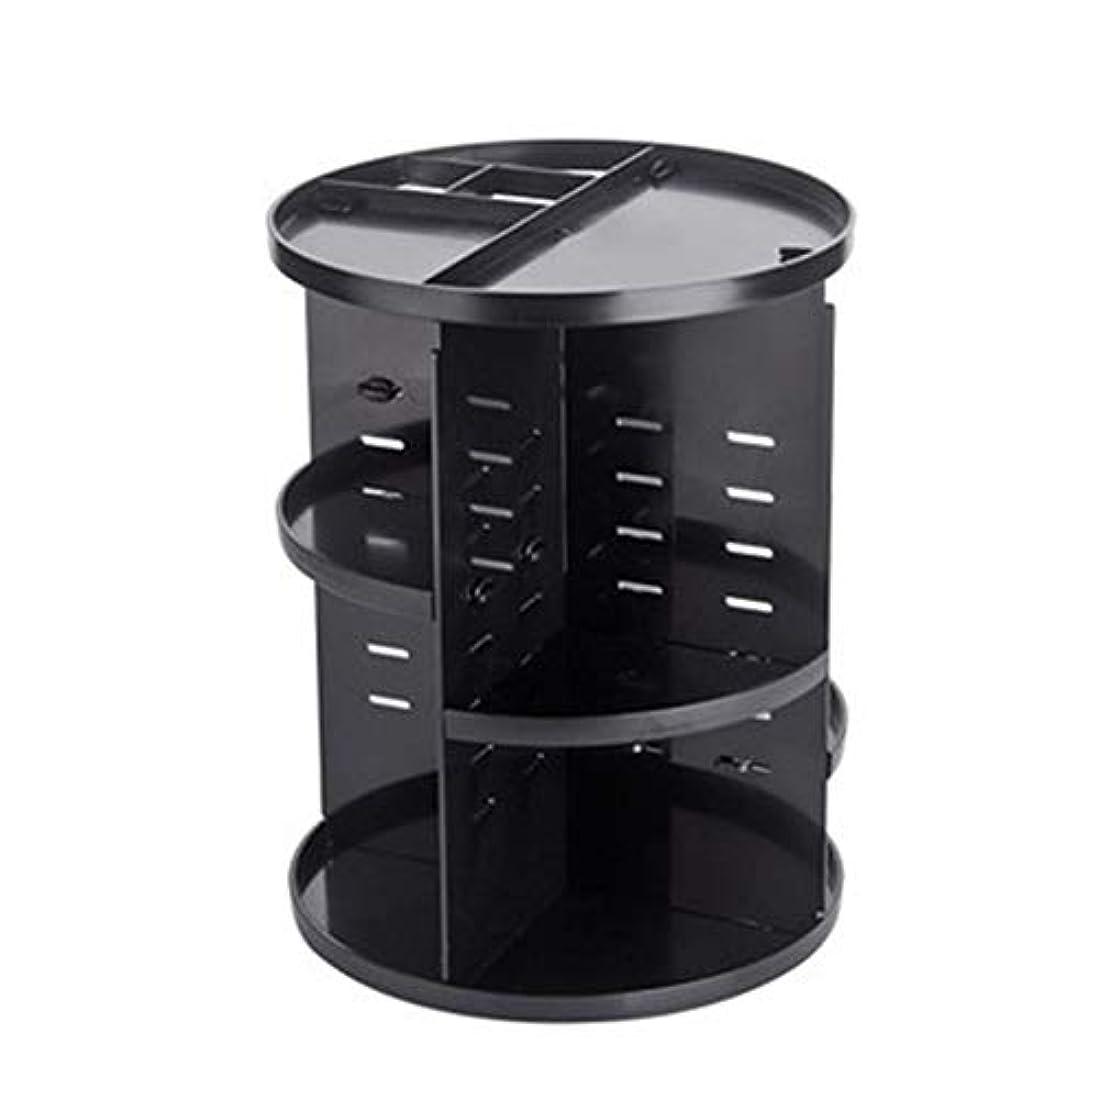 独占クマノミ怒りACHICOO 回転可能 化粧収納ボックス 収納棚 口紅 ブラシ 香水 マニキュア 化粧品ラック オーガナイザー 黒